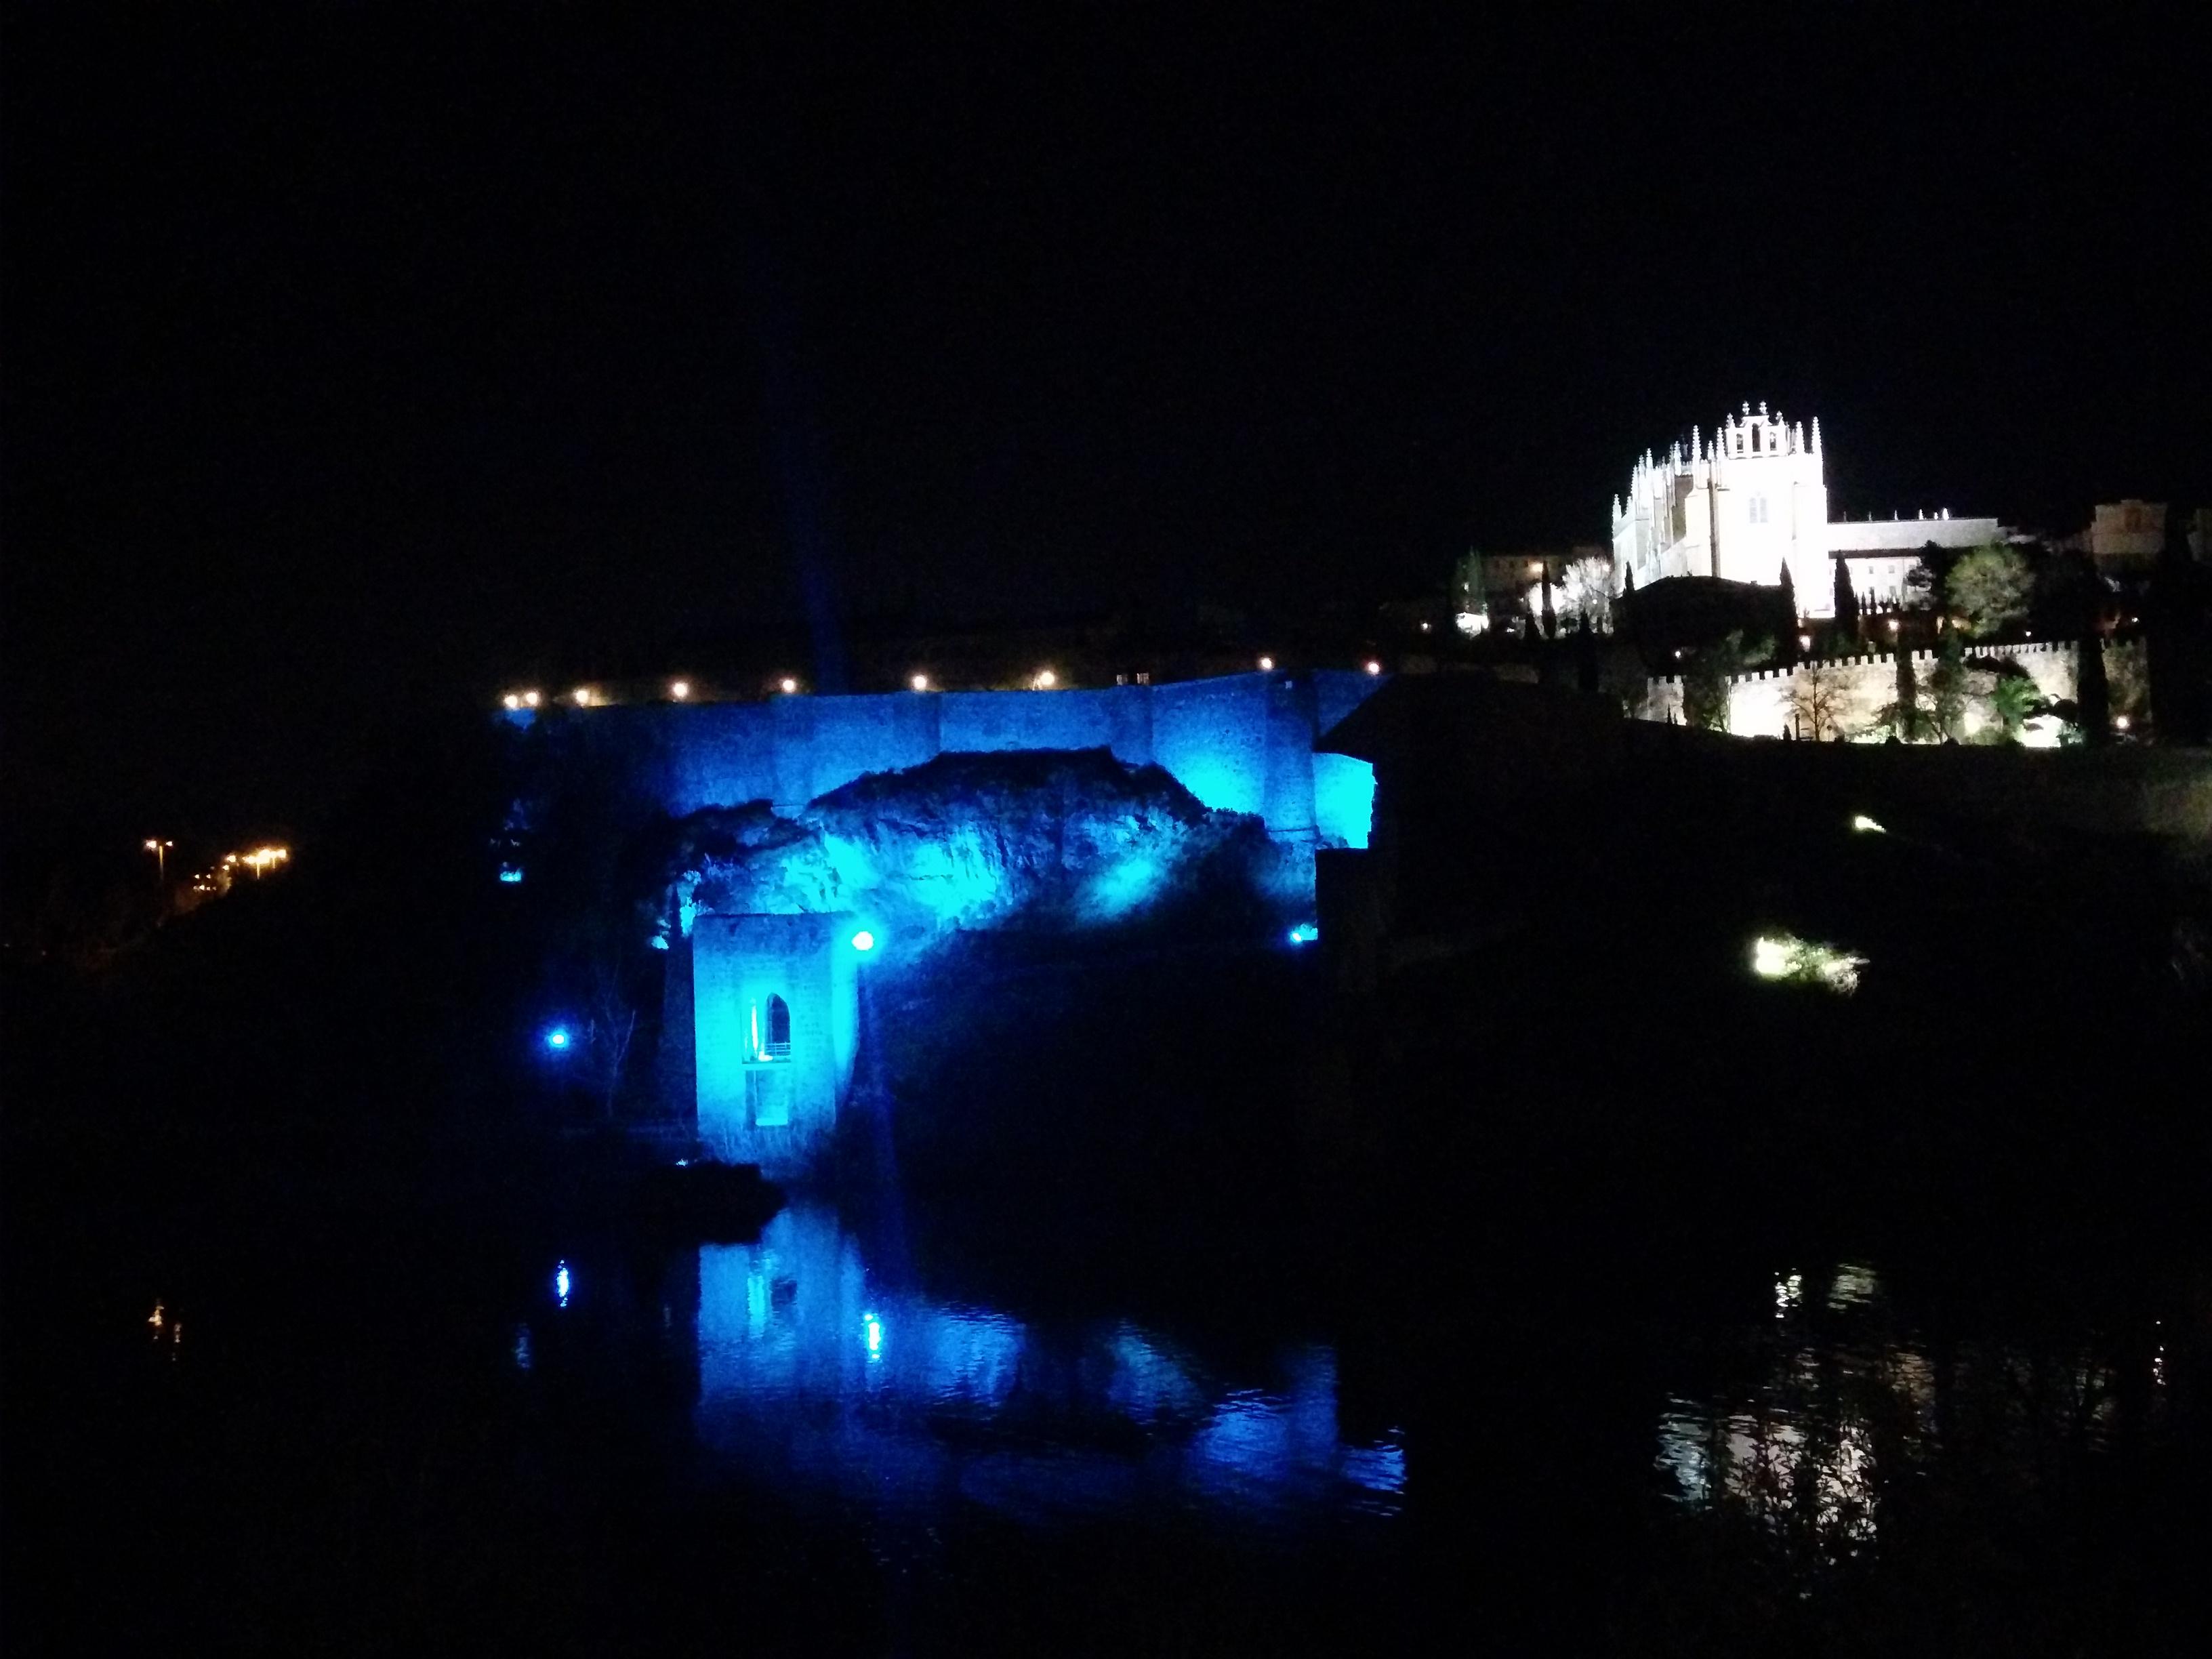 Torreon de la Cava Iluminado de azul y San Juan de los Reyes